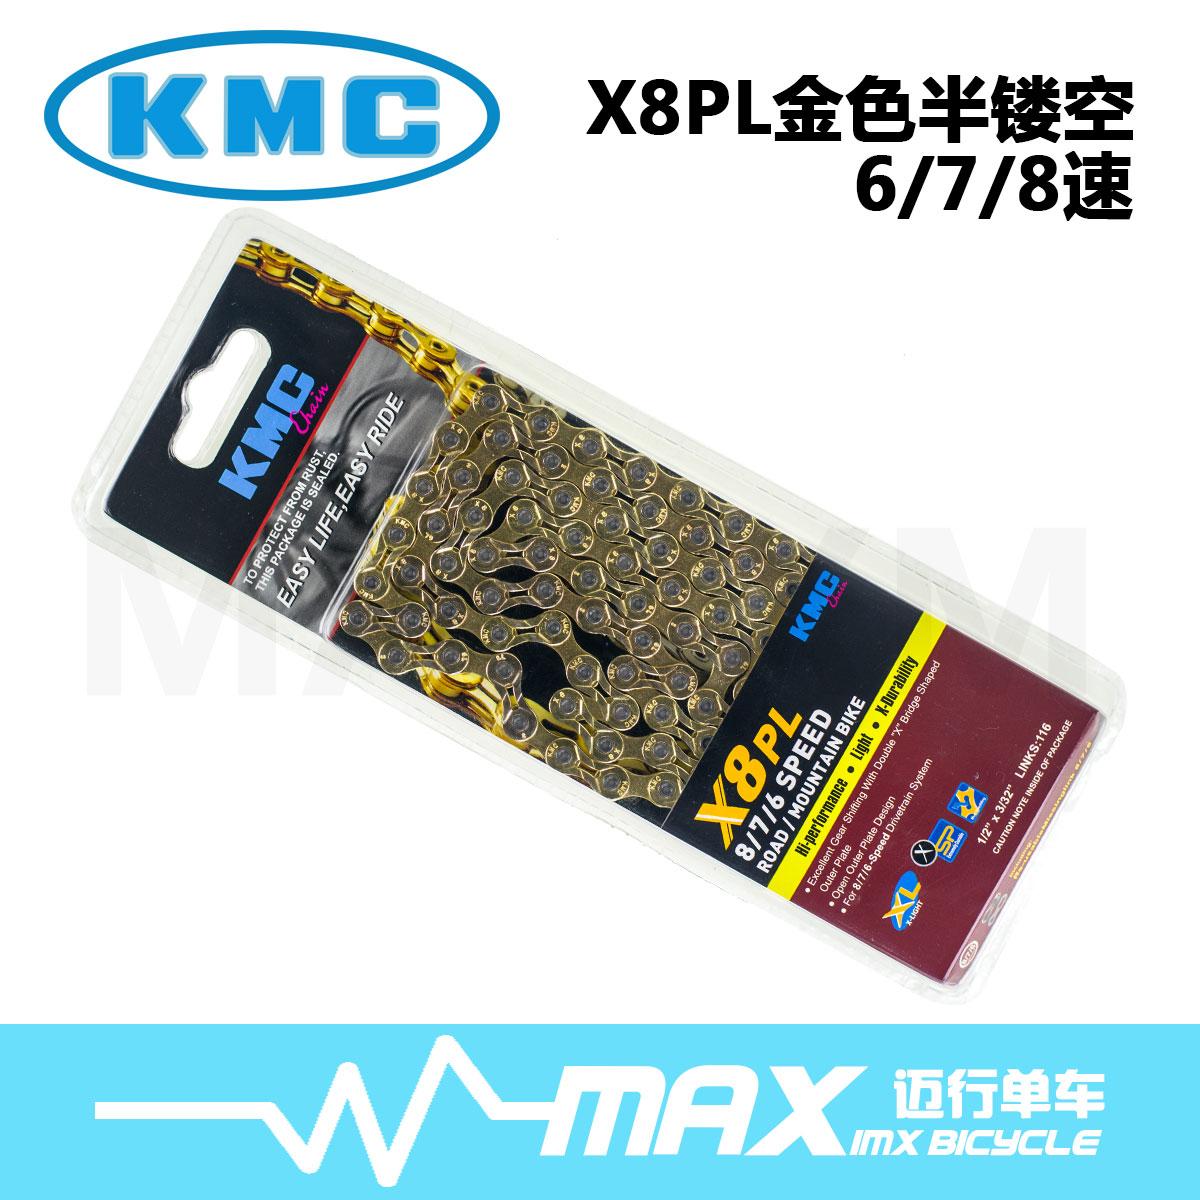 X8PL золотой половина пирсинг 8 скорость 116 фестиваль